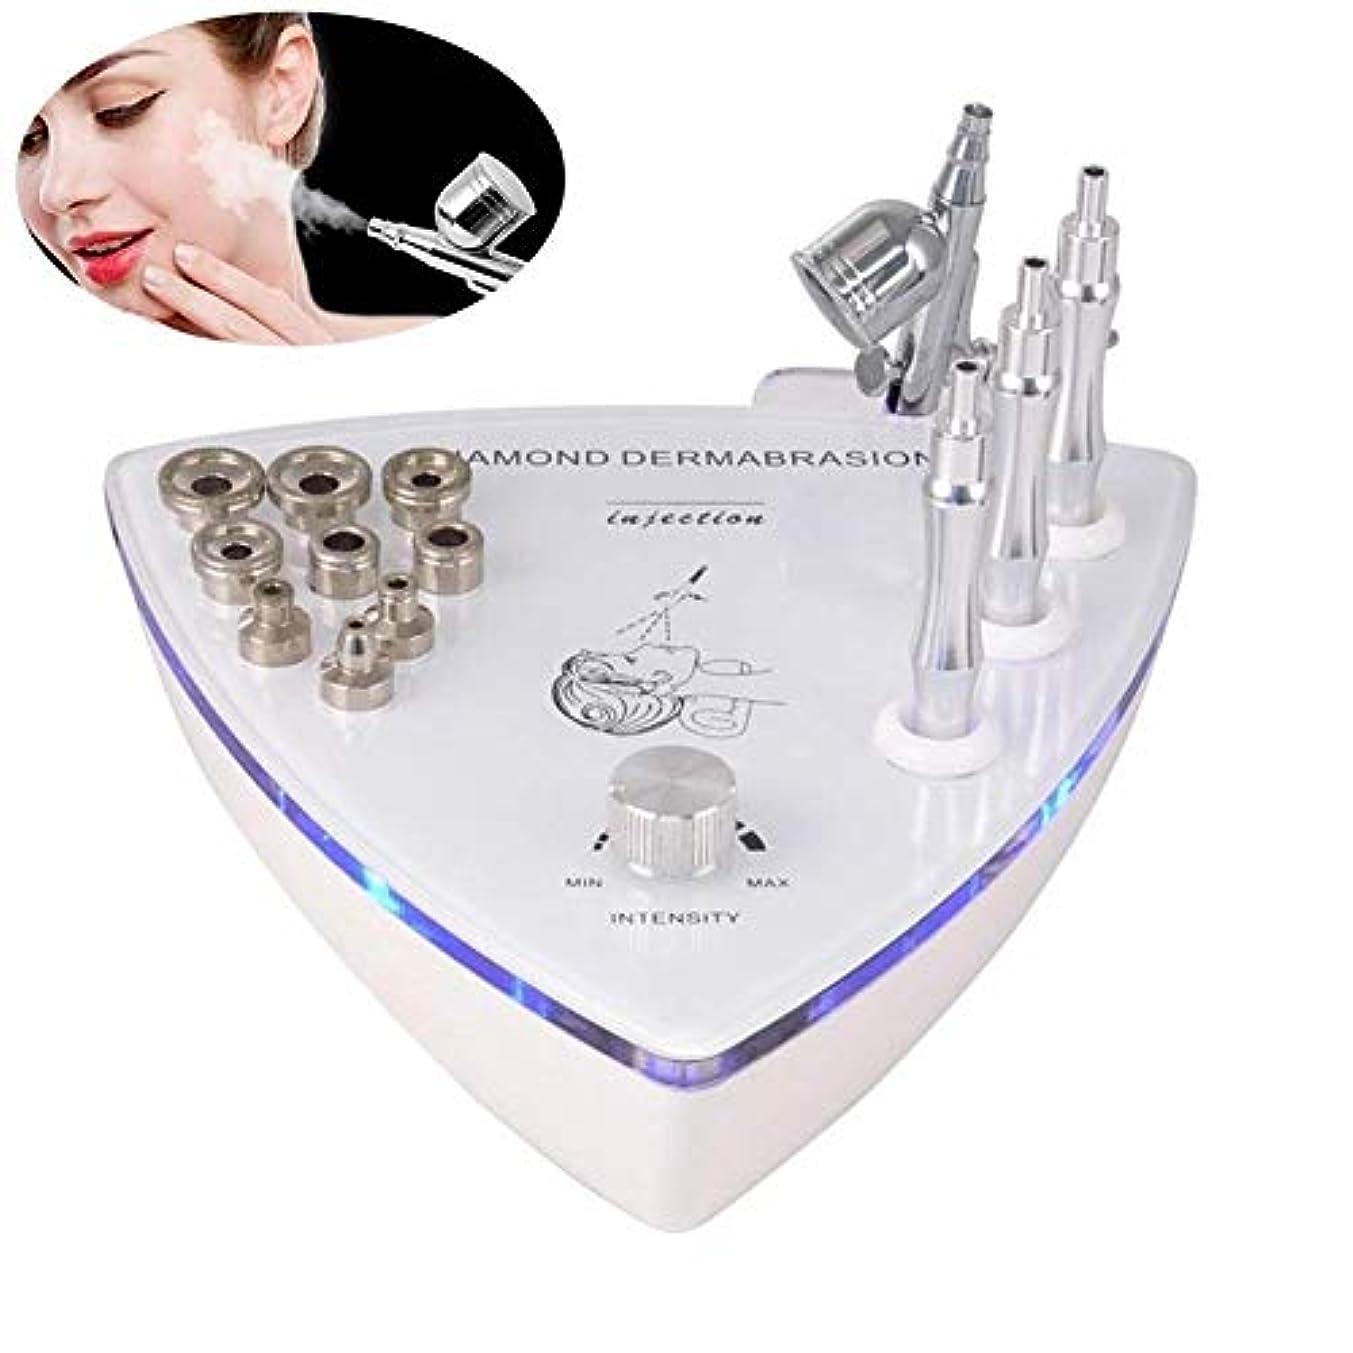 絶滅させる愛情深い評価可能ダイヤモンドのマイクロダーマブレーションDermabrasionマシン、スプレーガン家庭用装備のフェイシャルスキンケア美容機器(強力な吸引力:0-68cmHg)